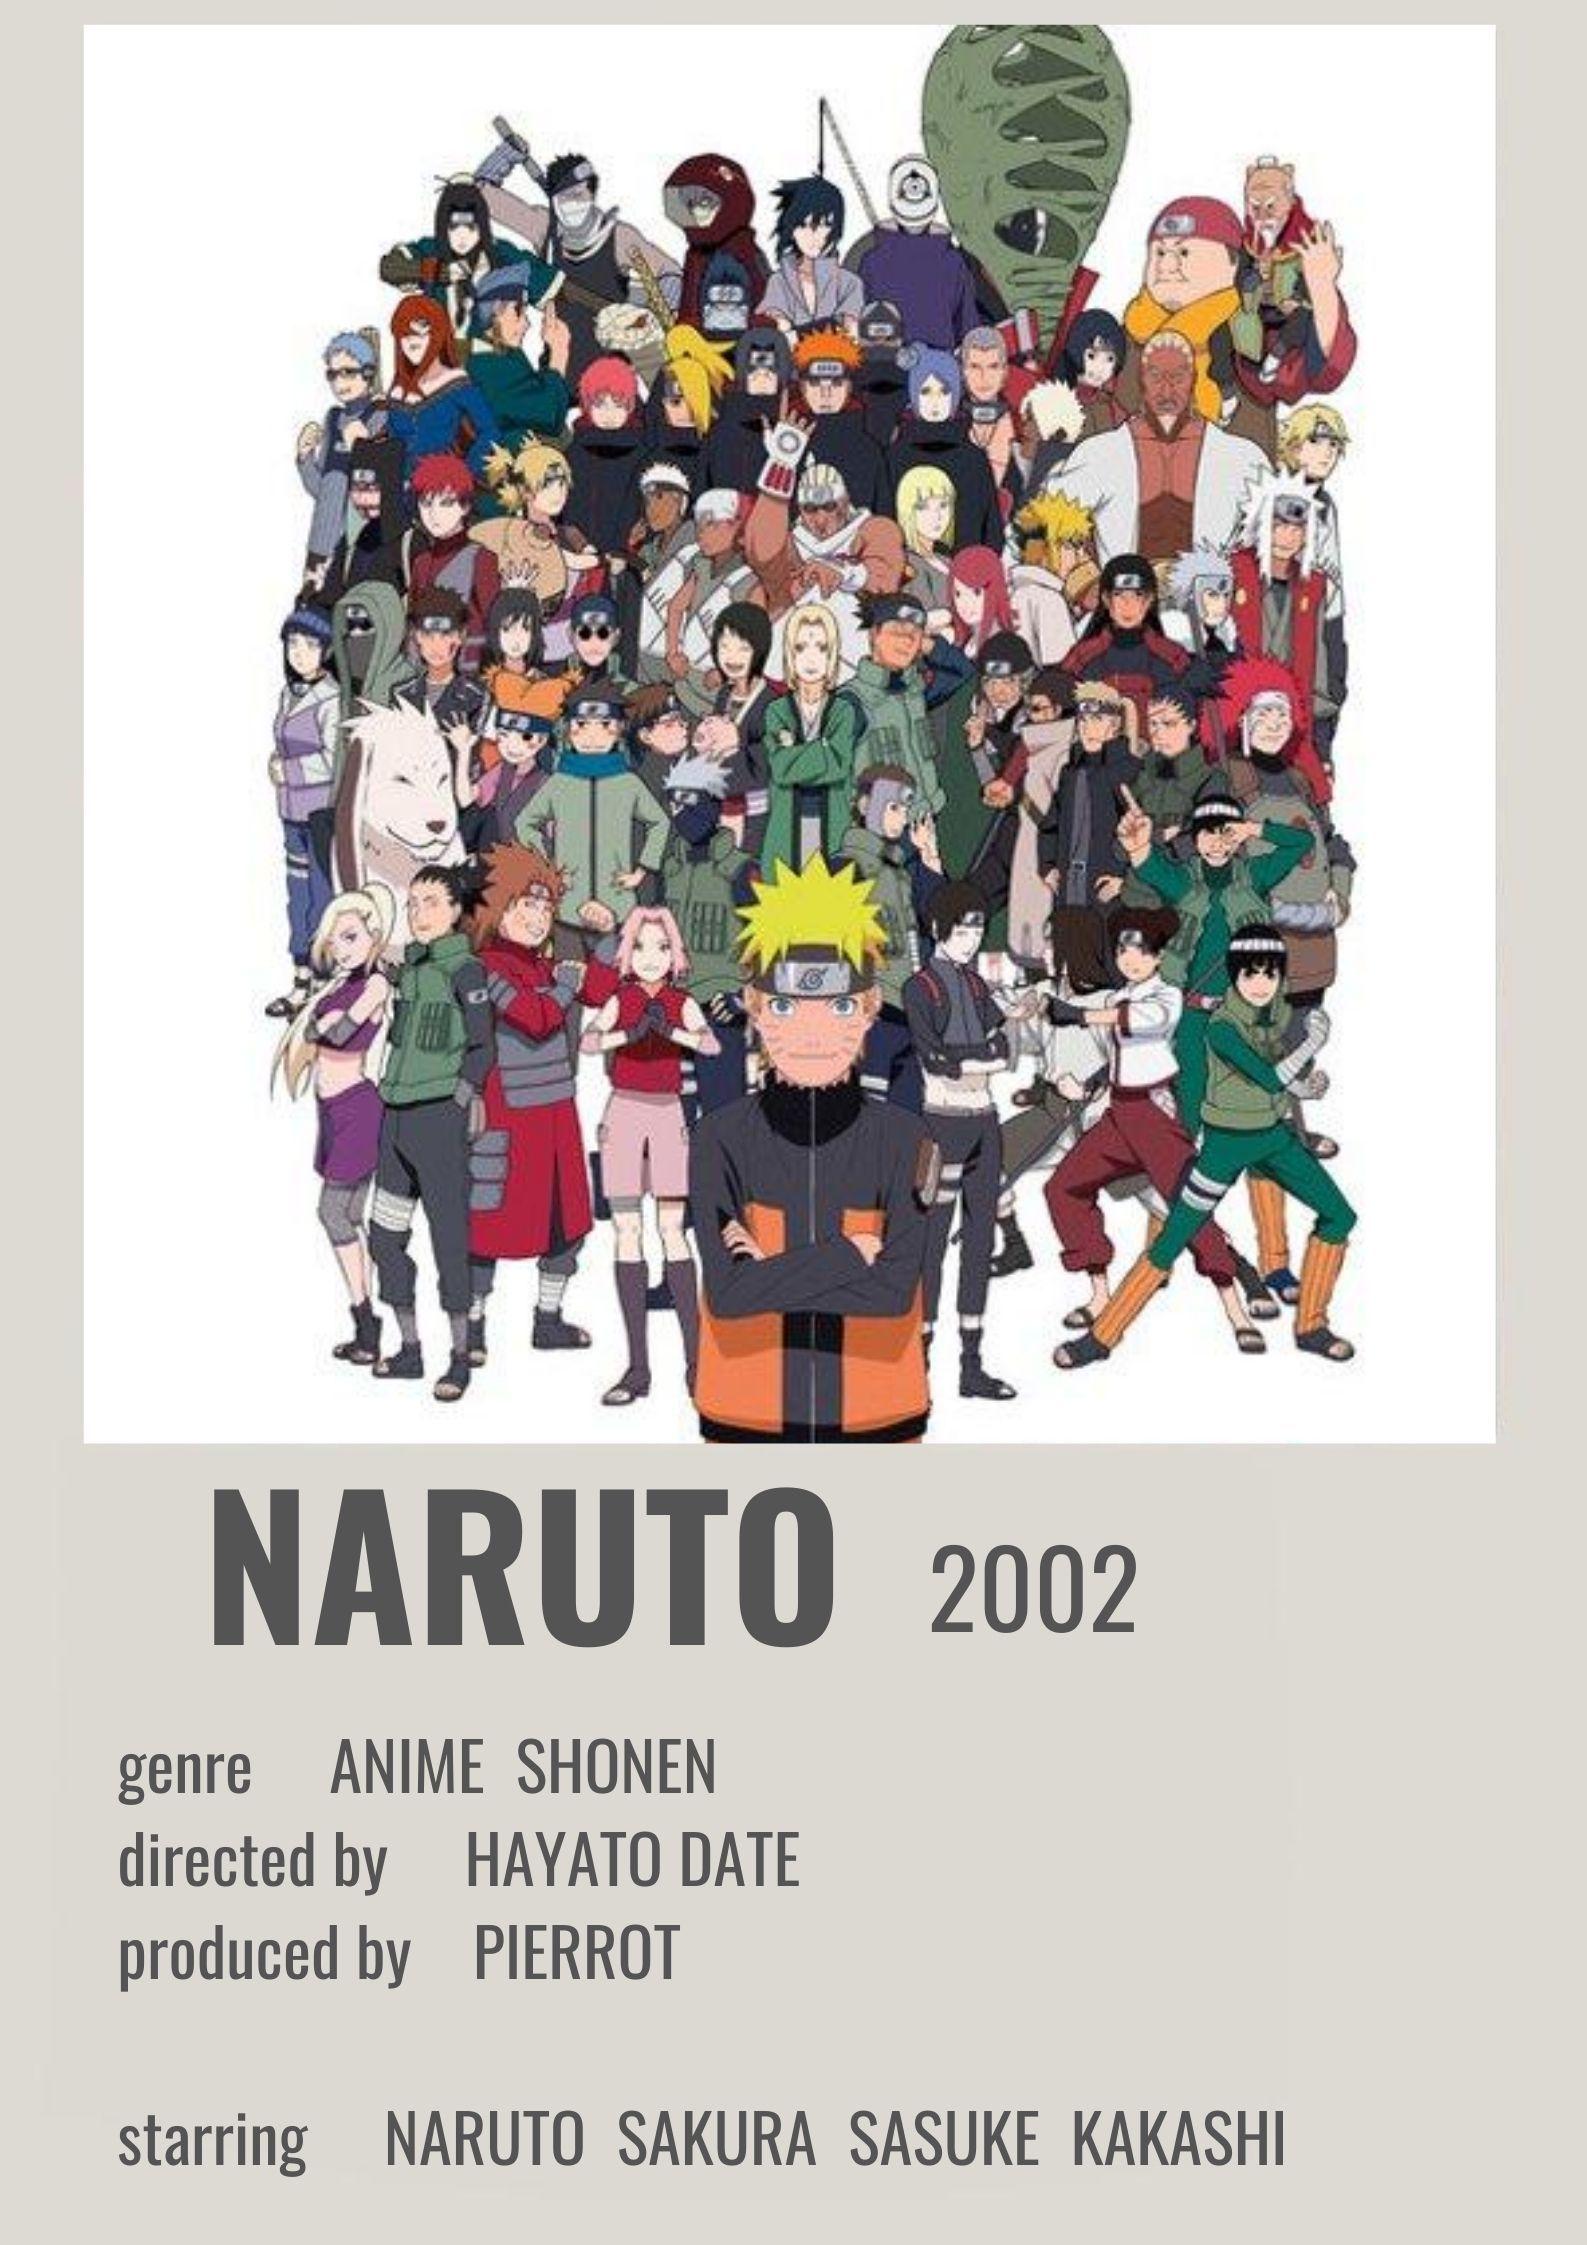 Naruto Polaroid Poster | Anime canvas, Anime films, Anime printables